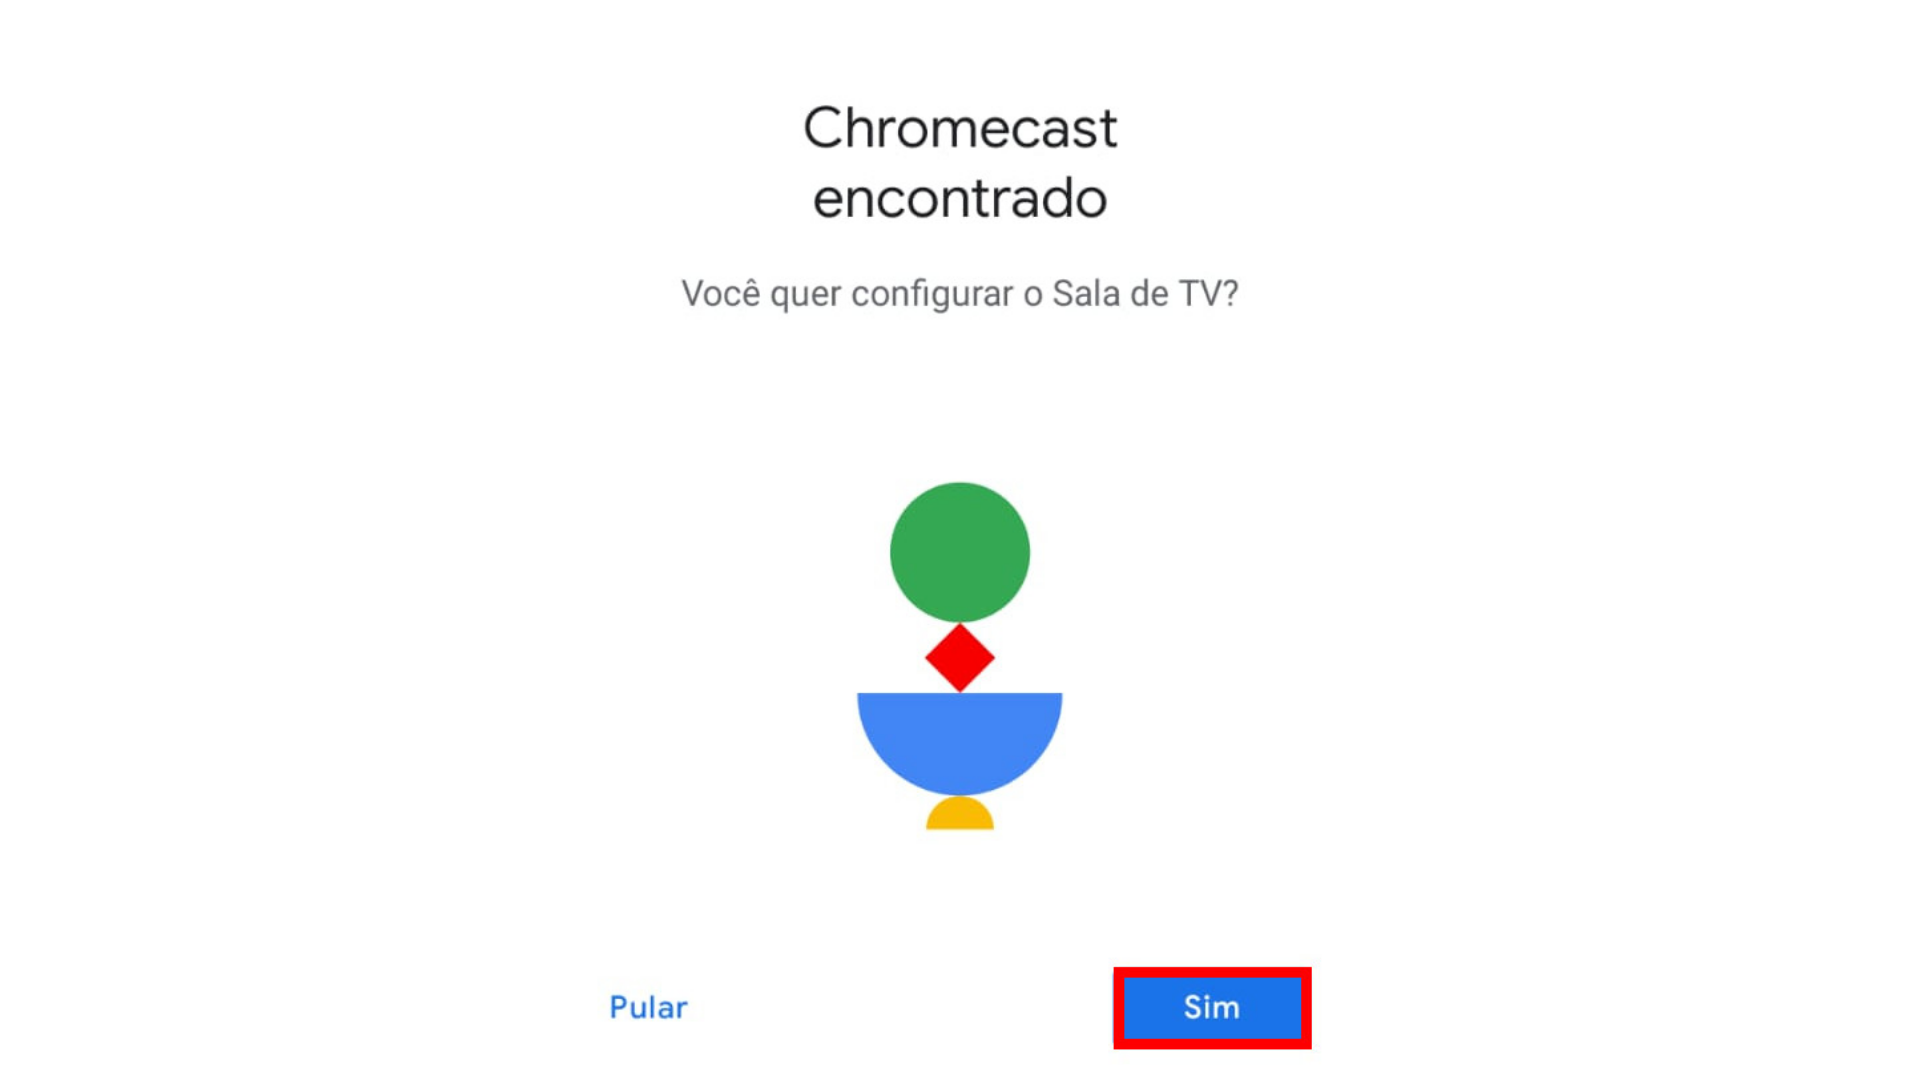 Quinto passo para configurar Chromecast. (Captura de tela/Chromecast)